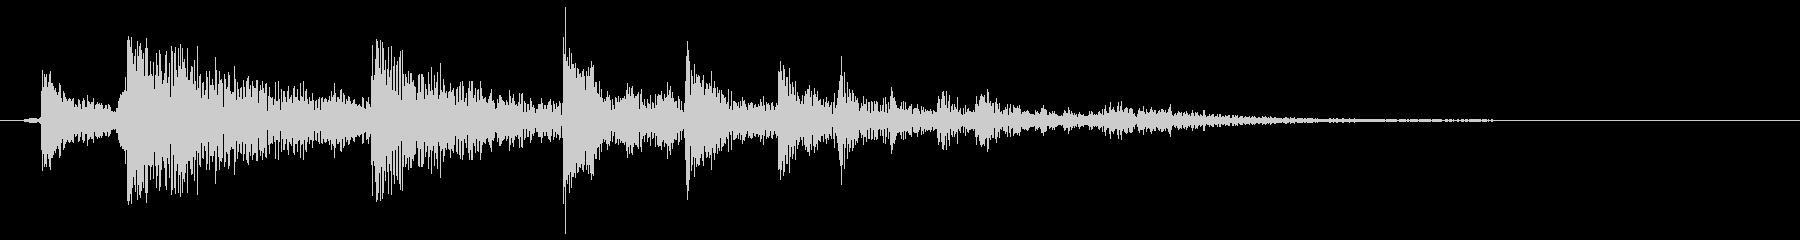 カラララン(軽快なリアリティある効果音)の未再生の波形